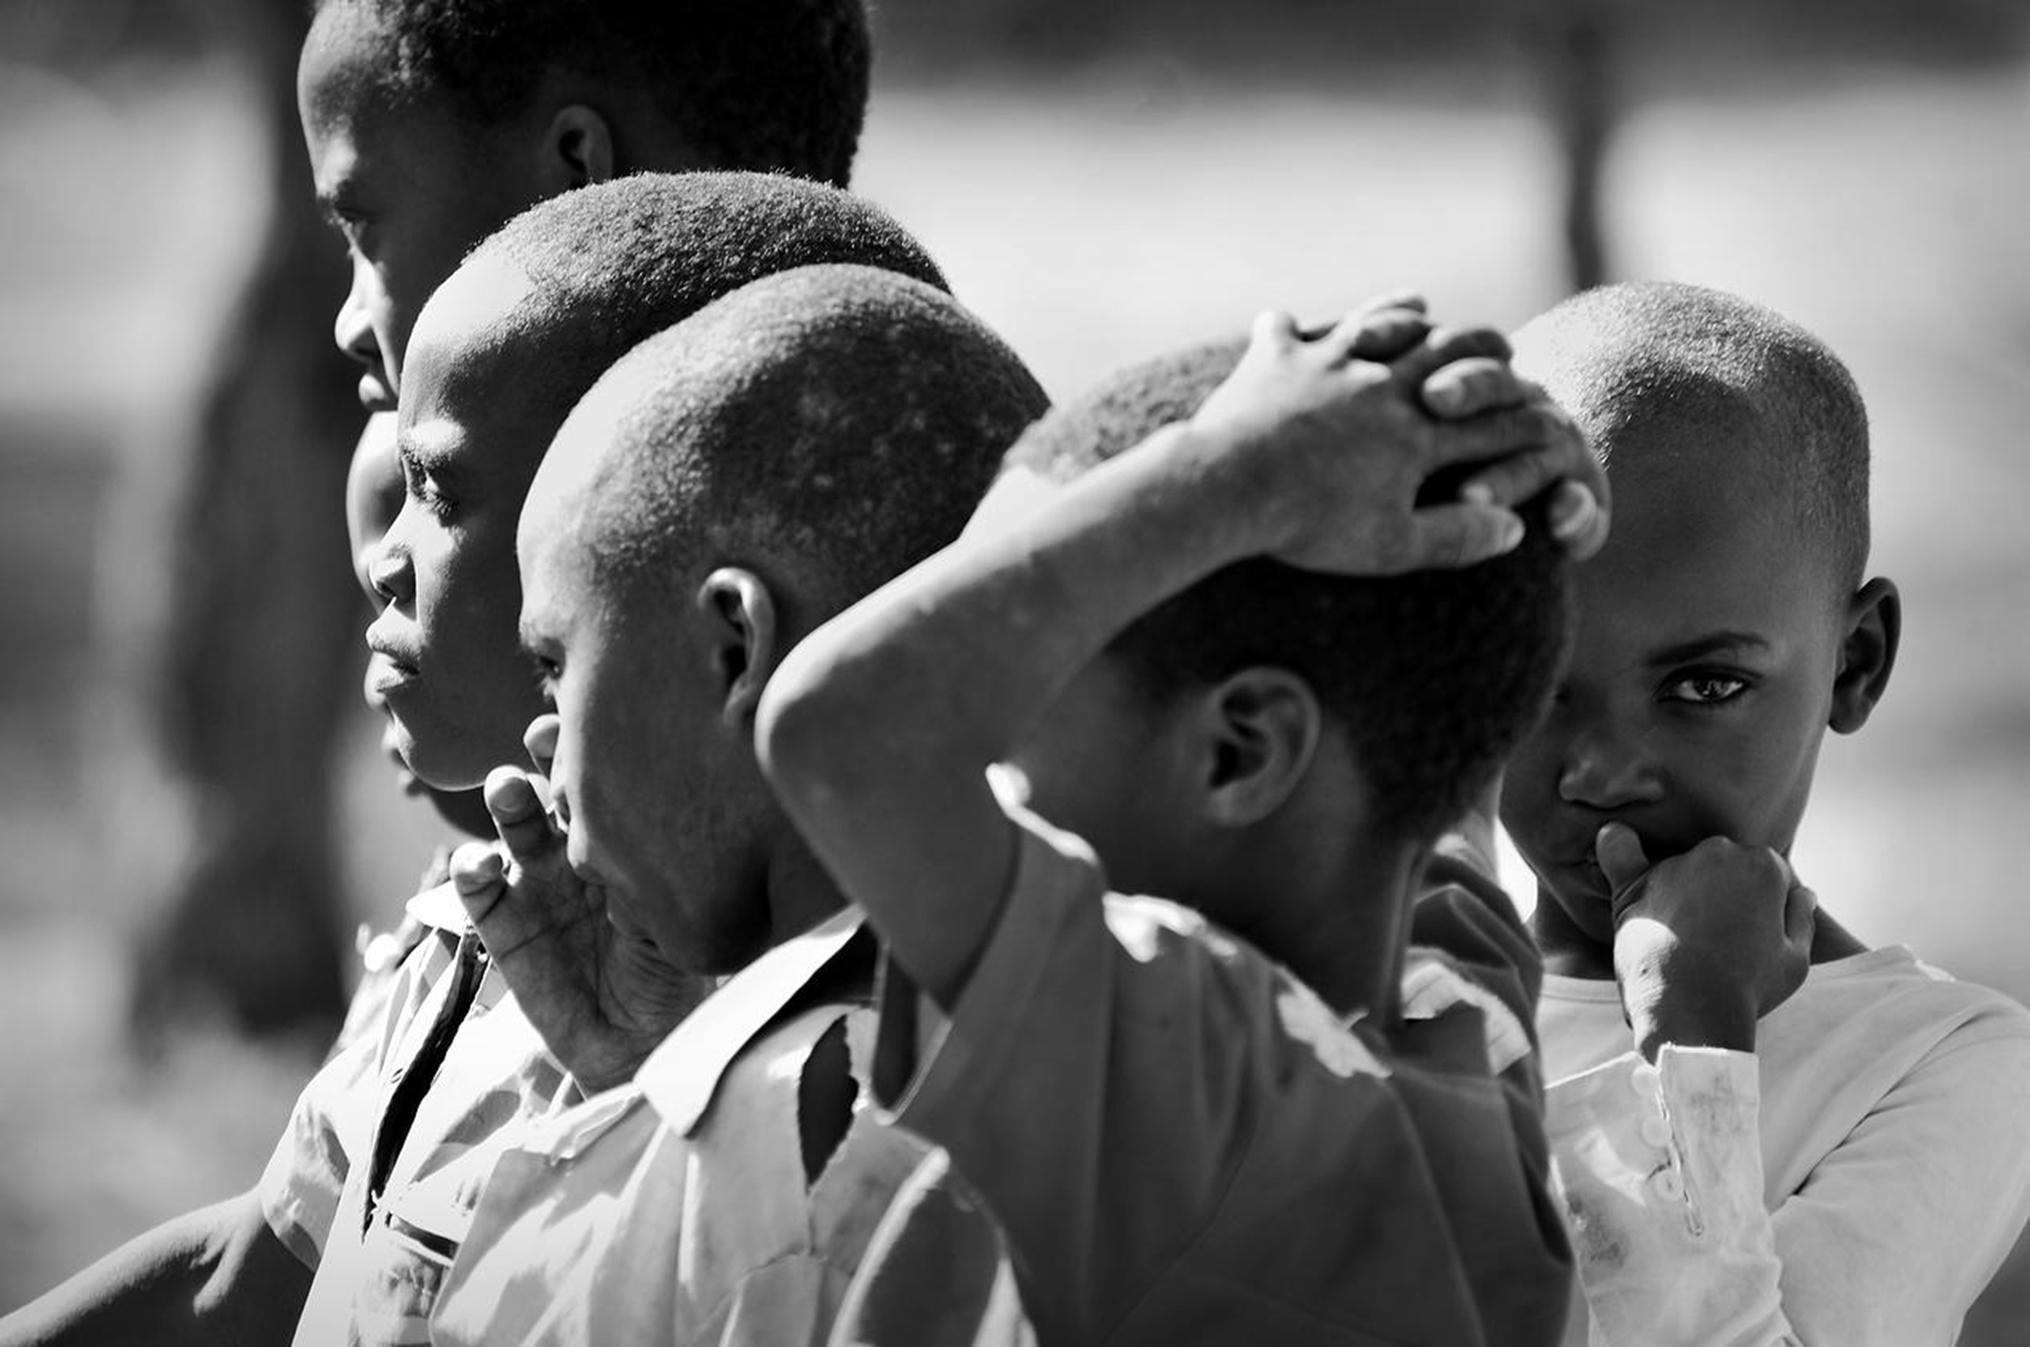 babies in Africa